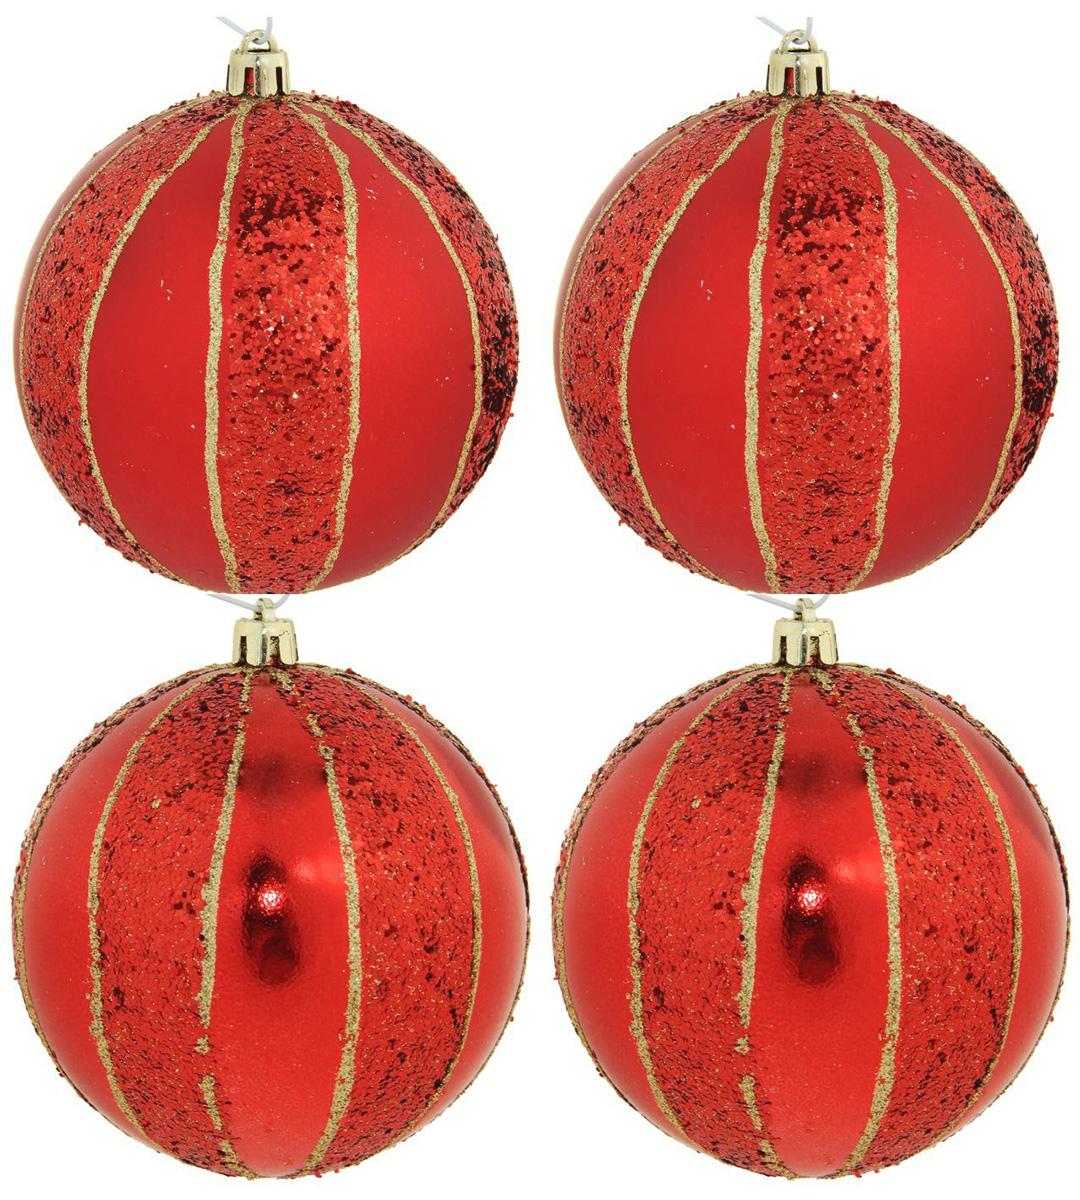 Набор новогодних подвесных украшений Sima-land Ободок, цвет: красный, диаметр 10 см, 4 шт1309463Набор новогодних подвесных украшений Sima-land отлично подойдет для декорации вашего дома и новогодней ели. С помощью специальной петельки украшение можно повесить в любом понравившемся вам месте. Но, конечно, удачнее всего оно будет смотреться на праздничной елке. Елочная игрушка - символ Нового года. Она несет в себе волшебство и красоту праздника. Создайте в своем доме атмосферу веселья и радости, украшая новогоднюю елку нарядными игрушками, которые будут из года в год накапливать теплоту воспоминаний.